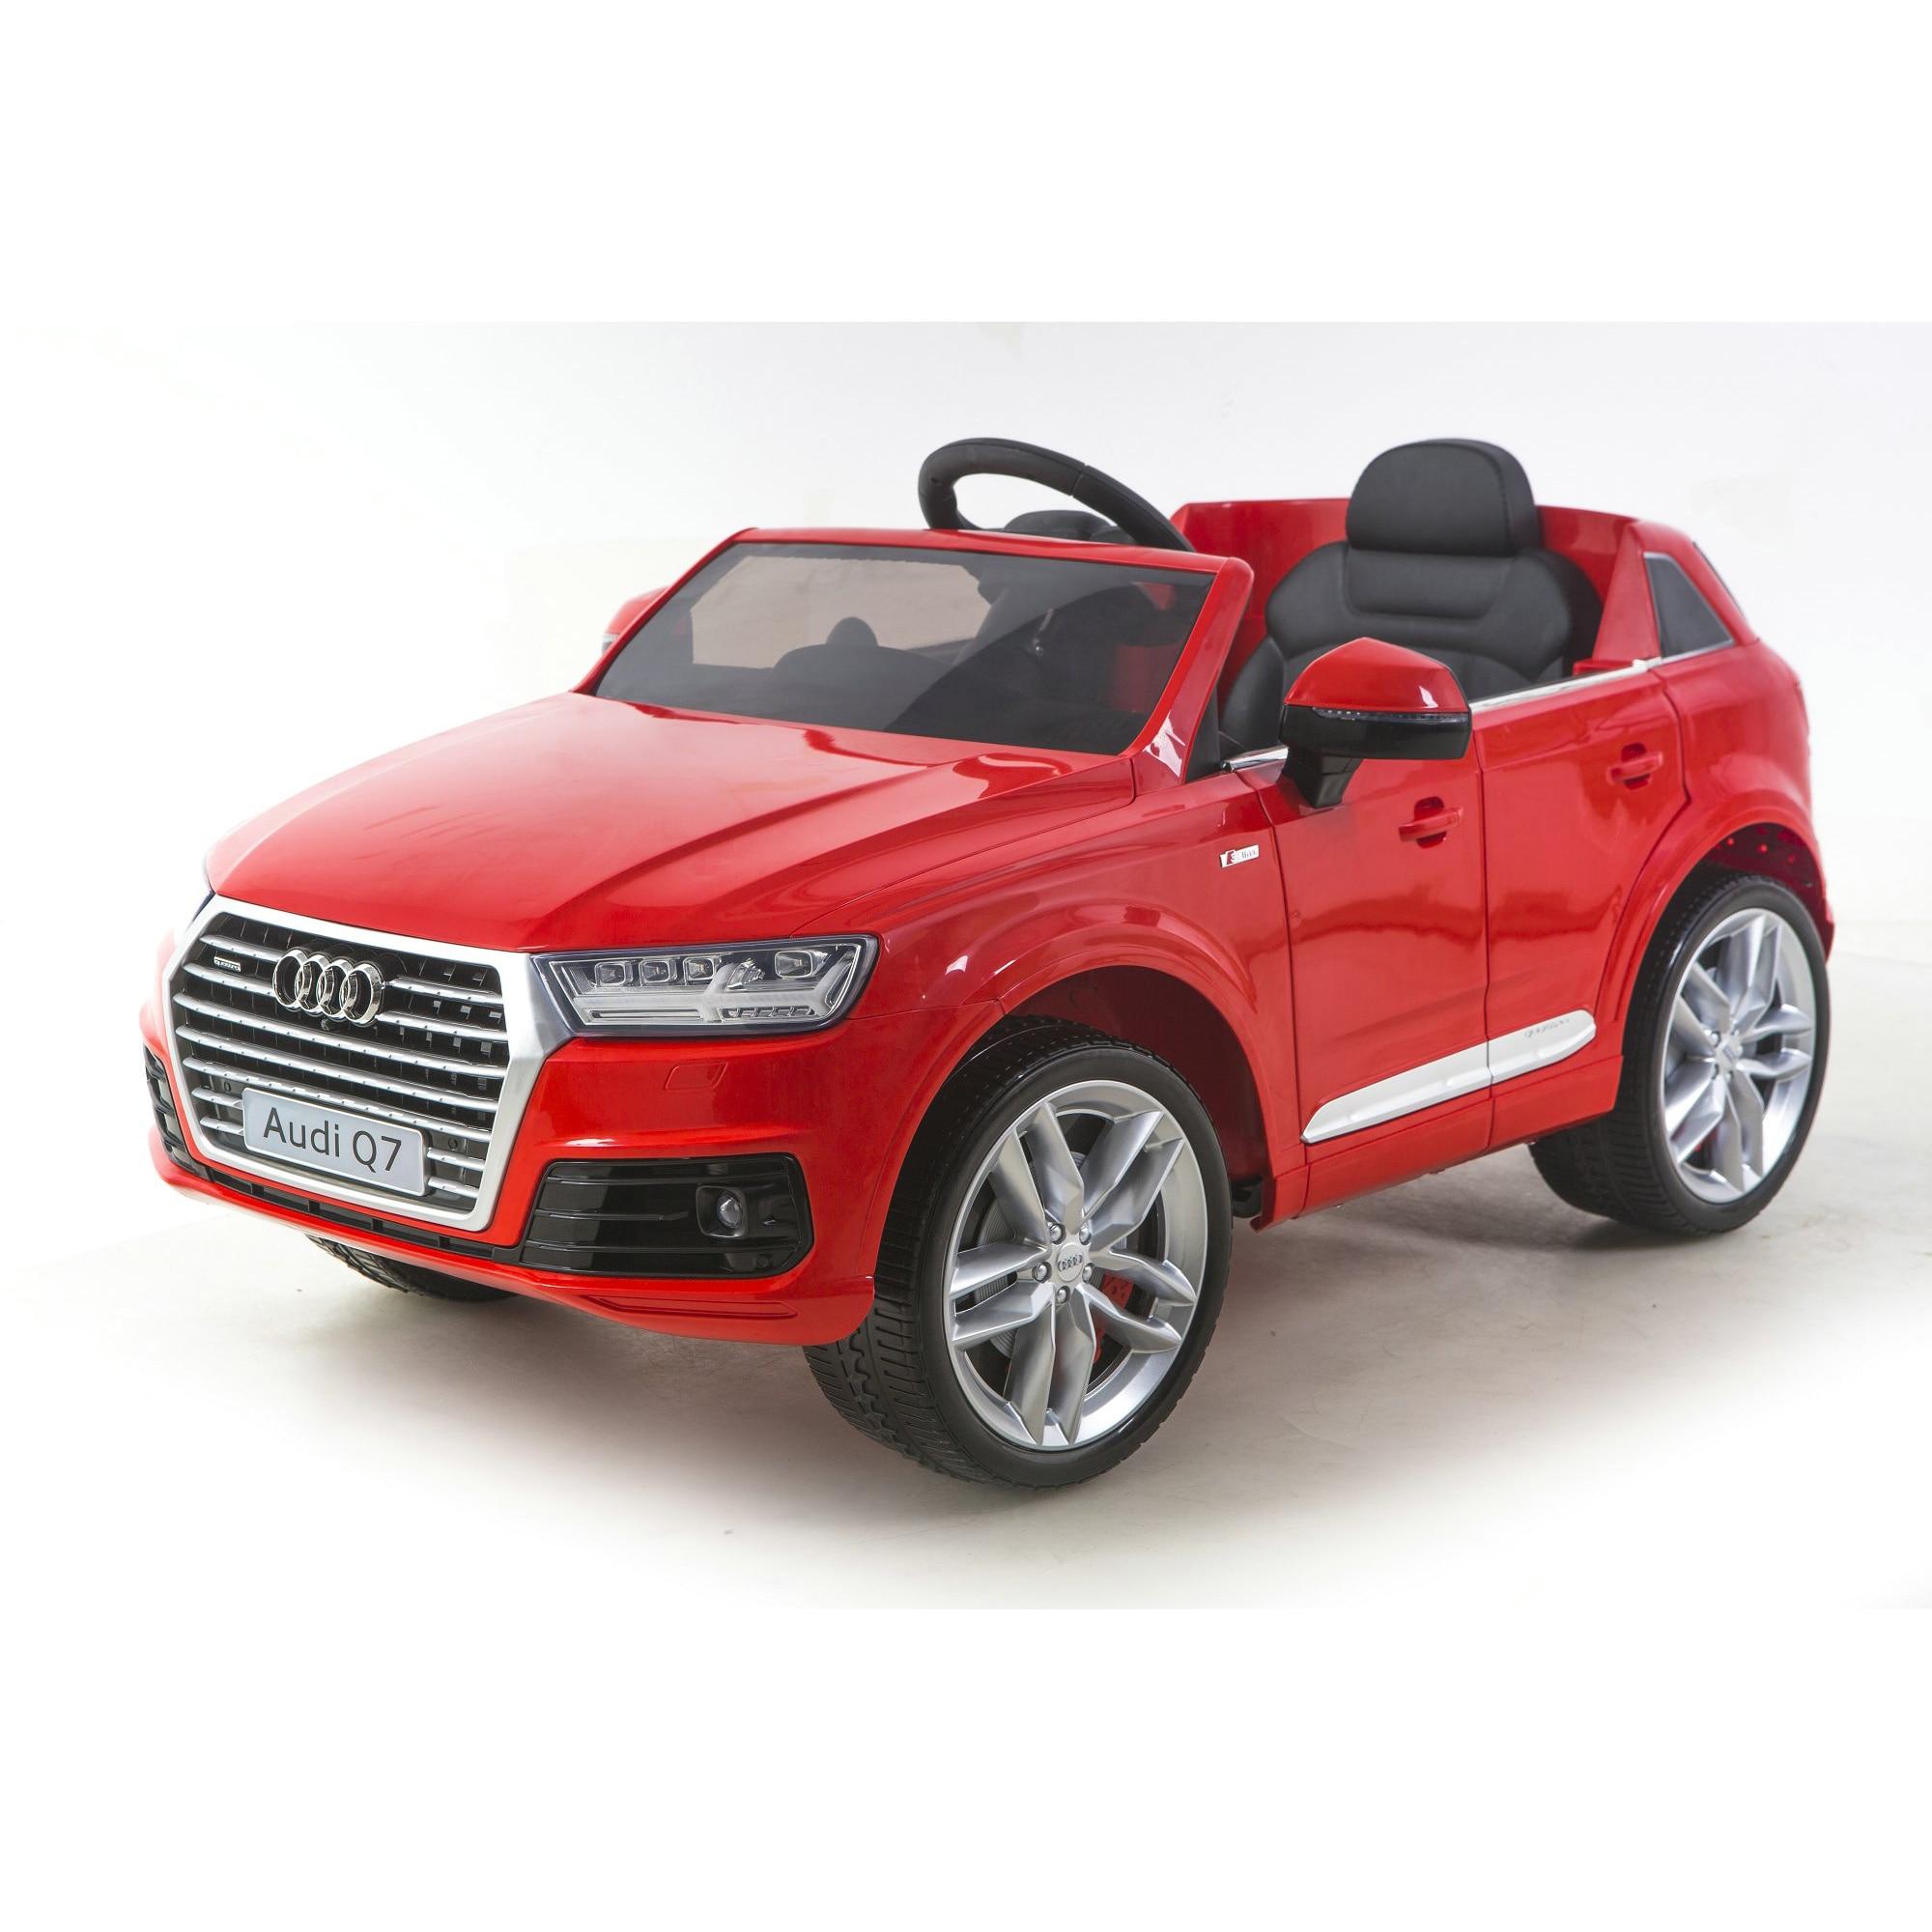 Fotografie Masinuta electrica cu telecomanda pentru copii, Mappy, Audi Q7, Rosu